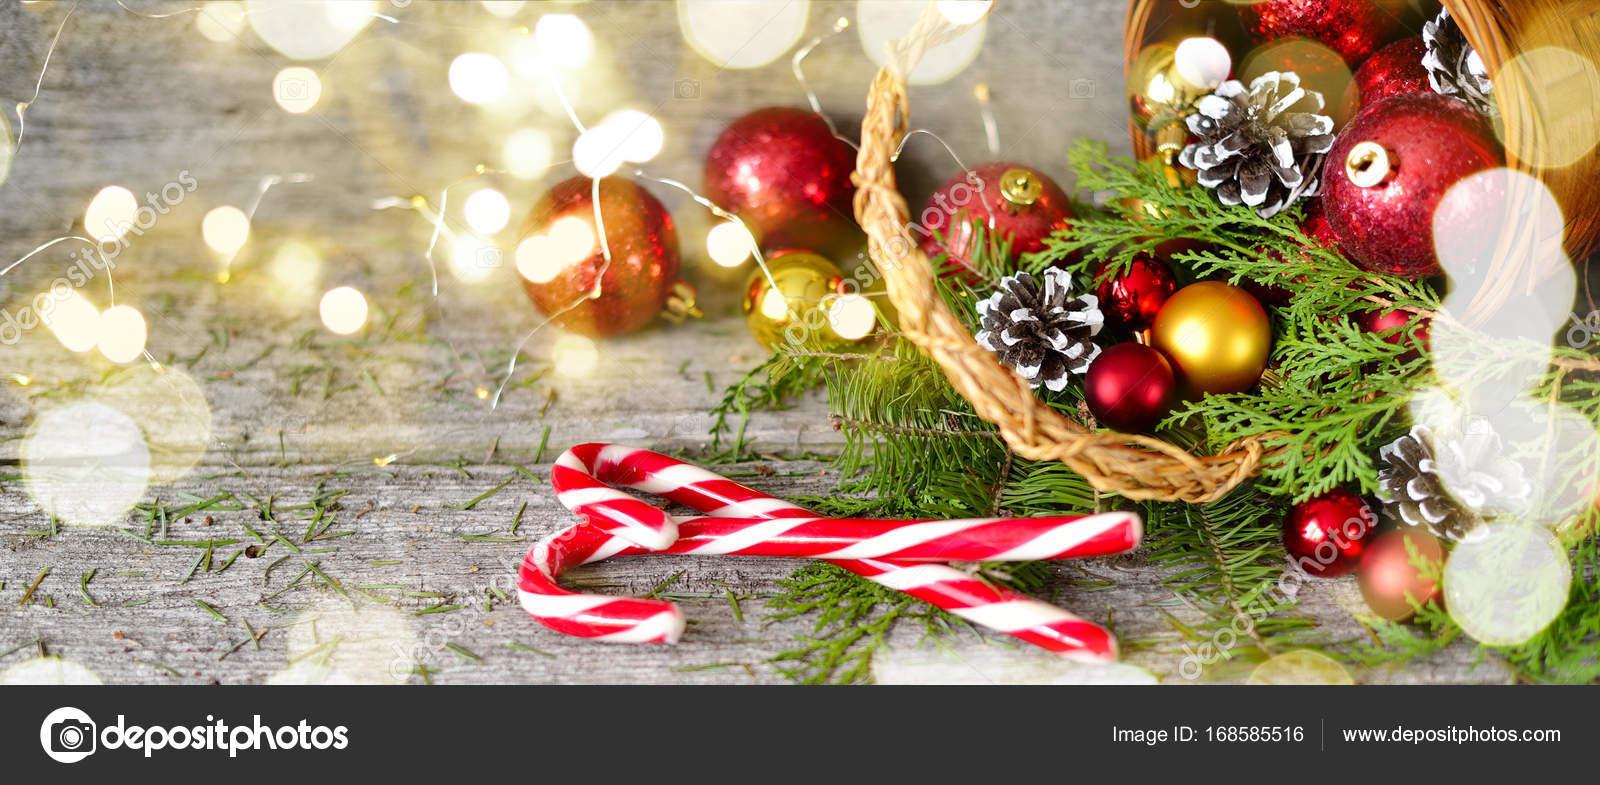 Lange banner Weihnachts-Korb mit Geschenken und strahlende Lichter ...